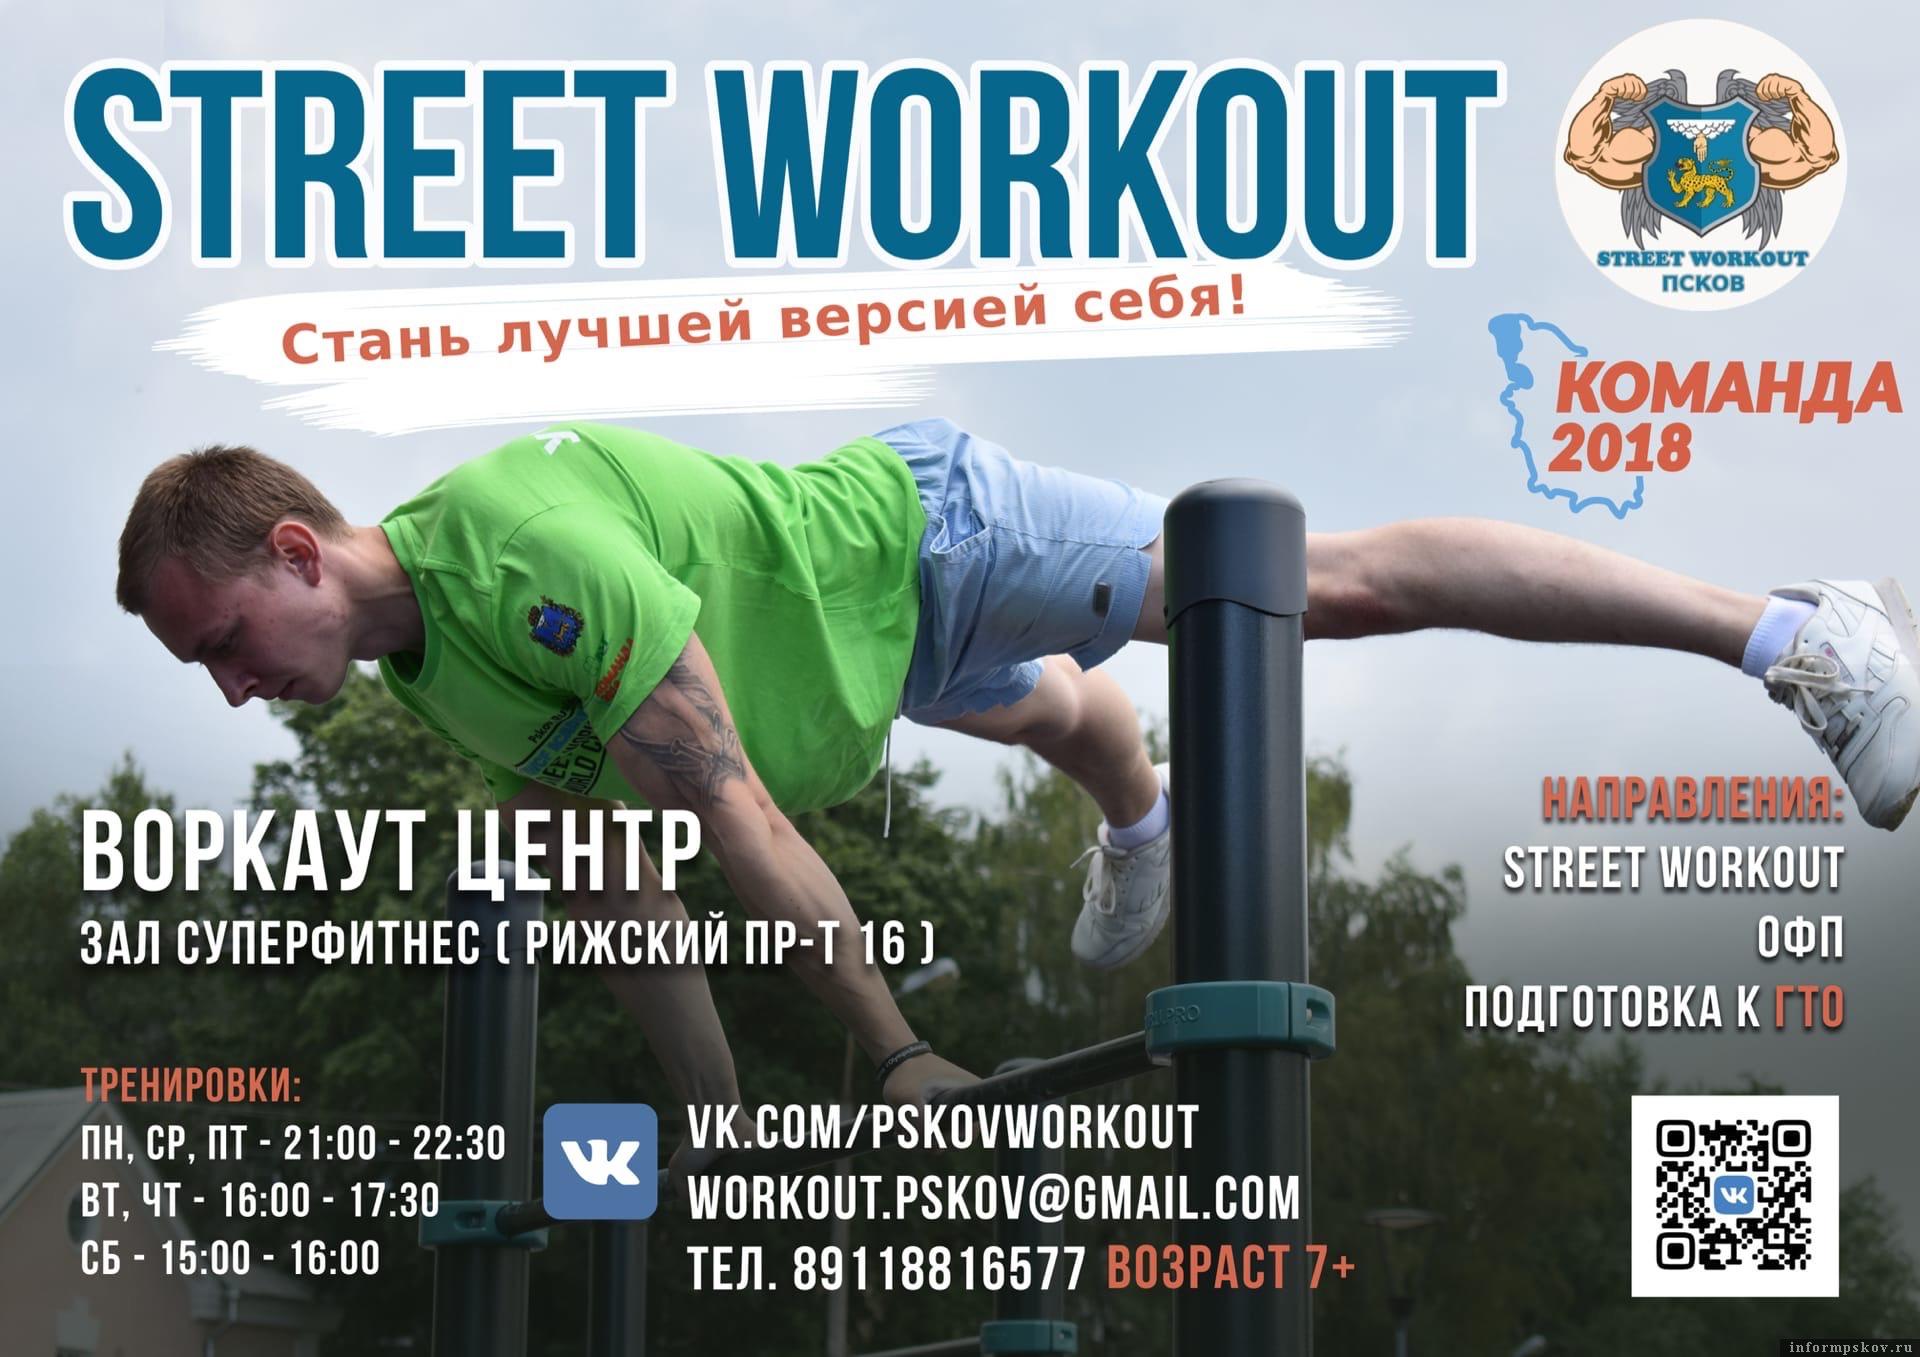 Фото: группа ВКонтакте «Street Workout Псков»